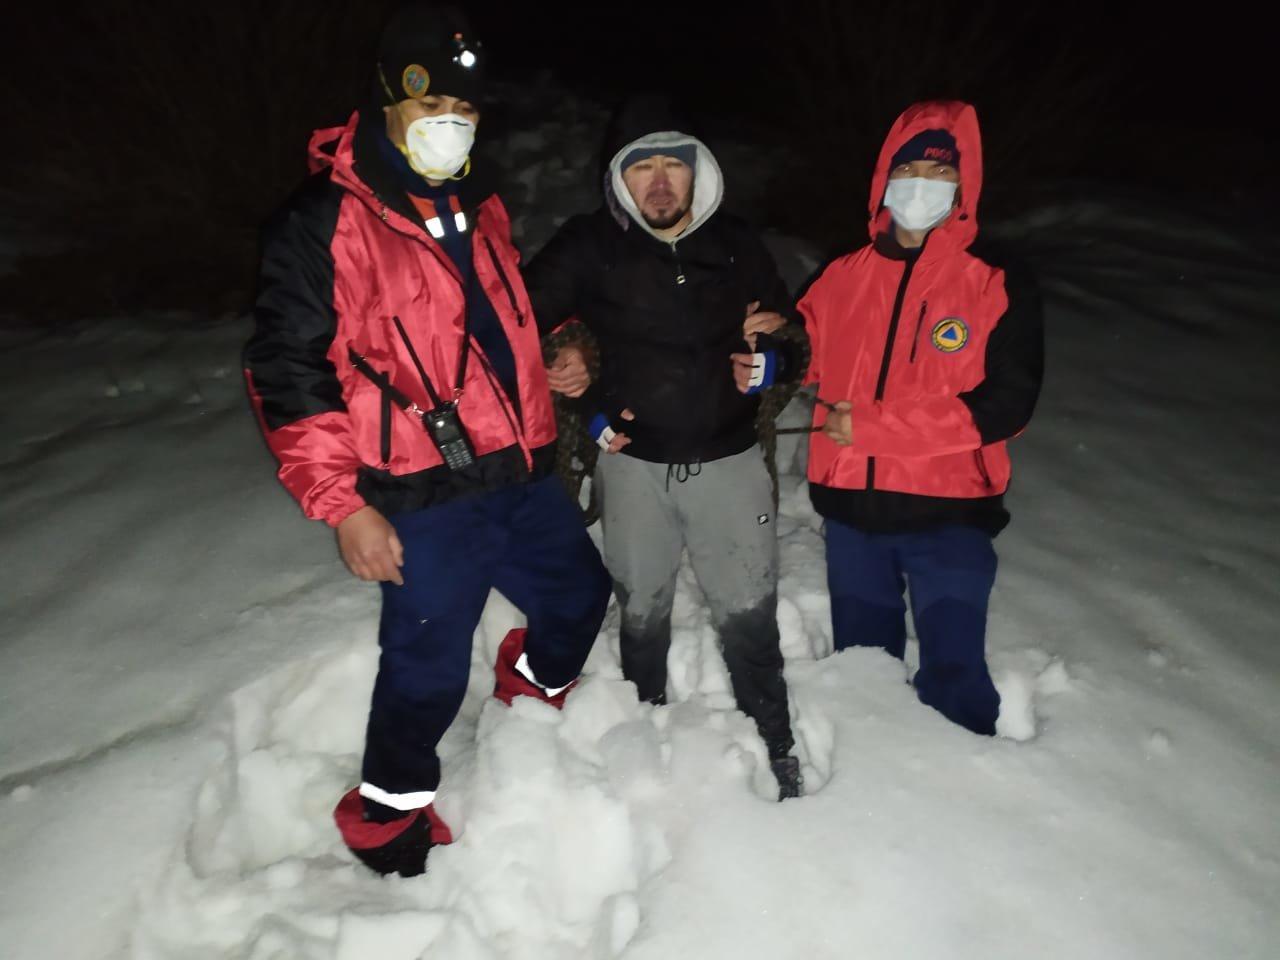 В Алматы помощь спасателей понадобилась двум мужчинам на пике Кумбель, фото-1